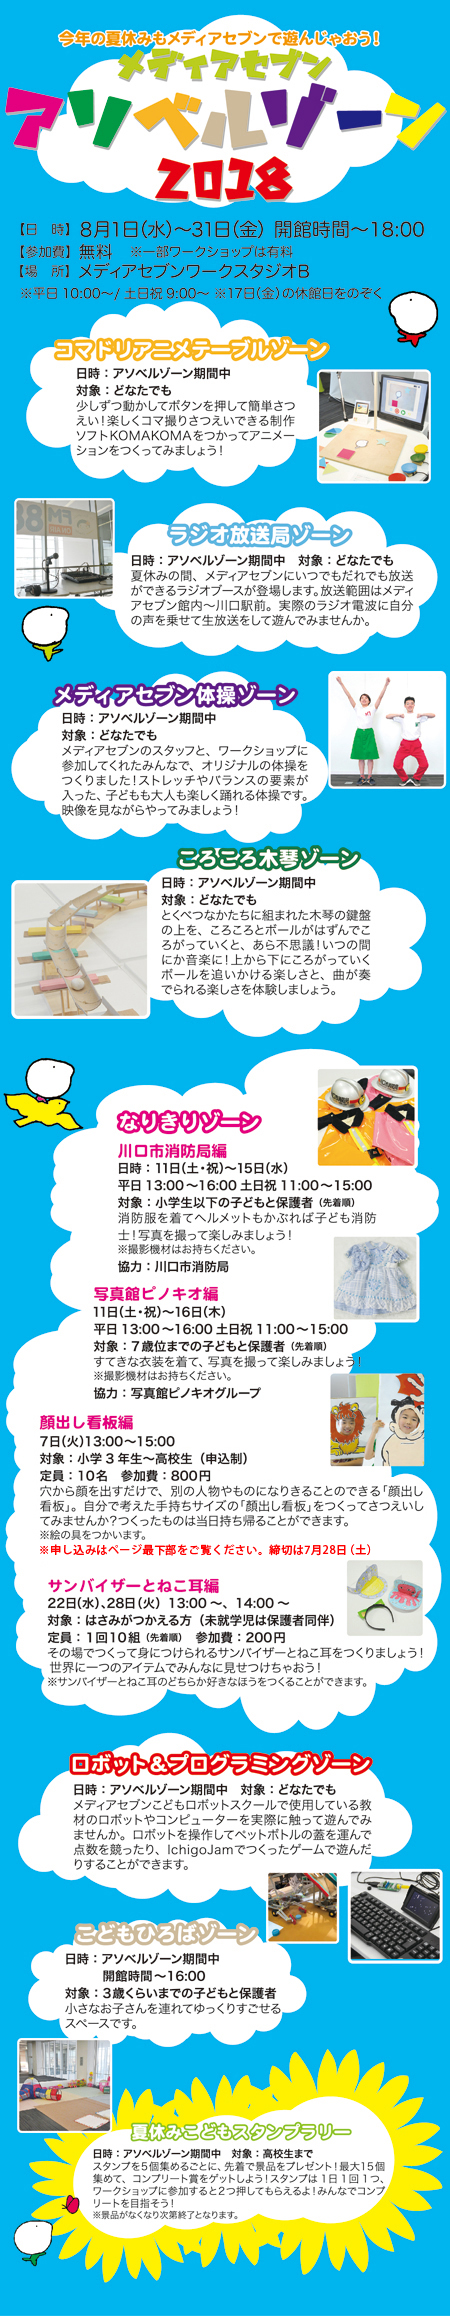 イベント詳細 川口市メディアセ...